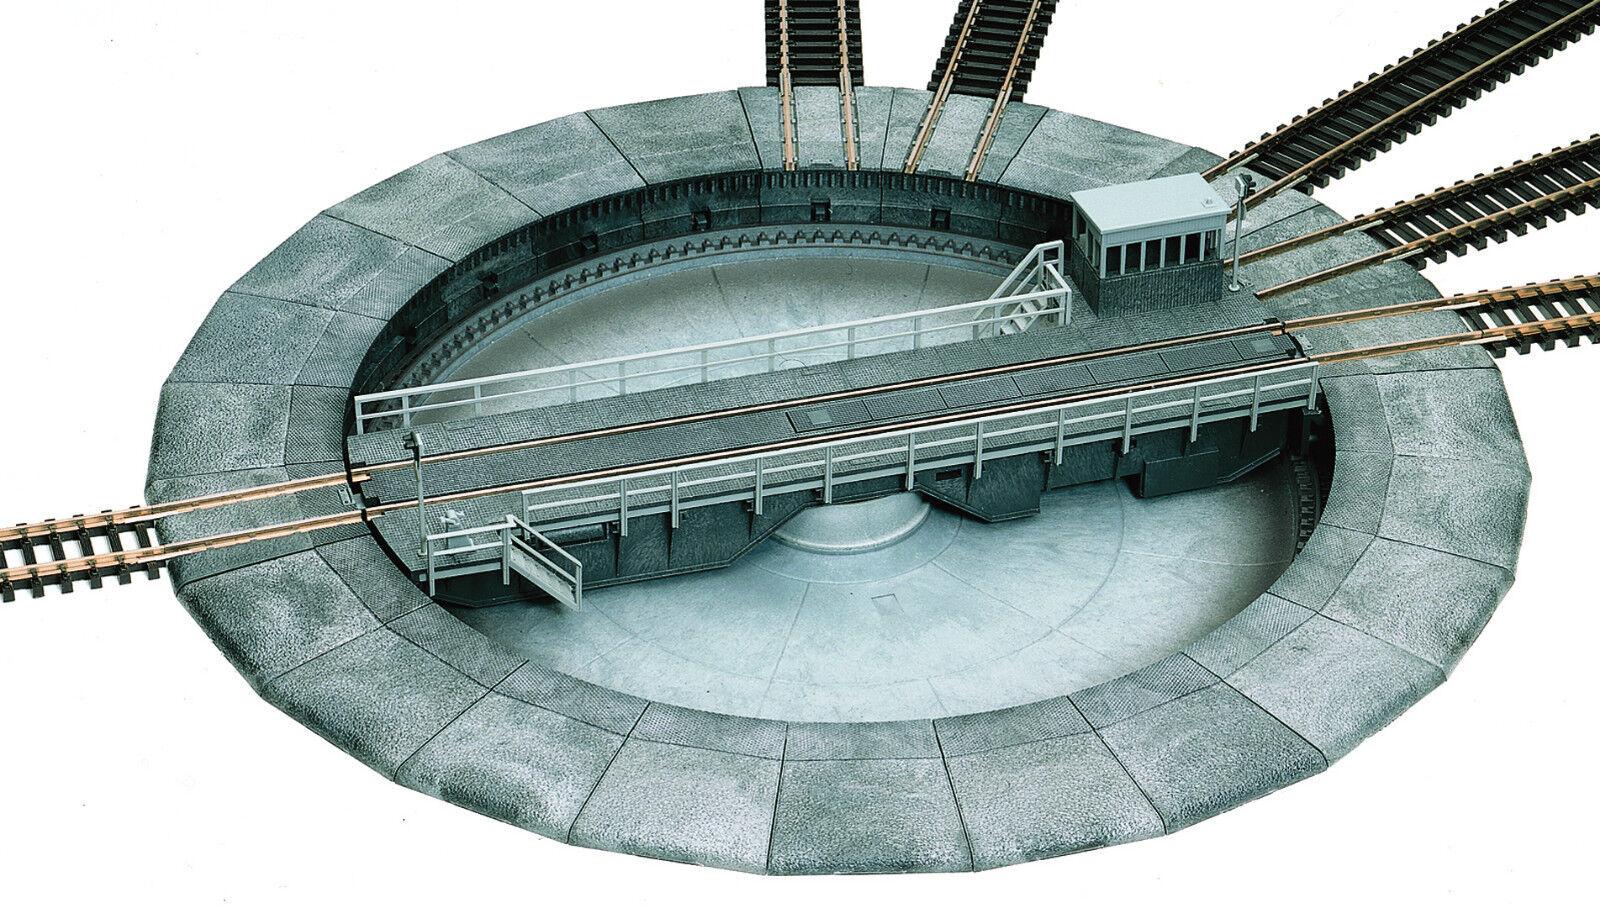 ROCO TT 35900 piattaforma girevole con elektroantrieb e centralina-NUOVO + OVP